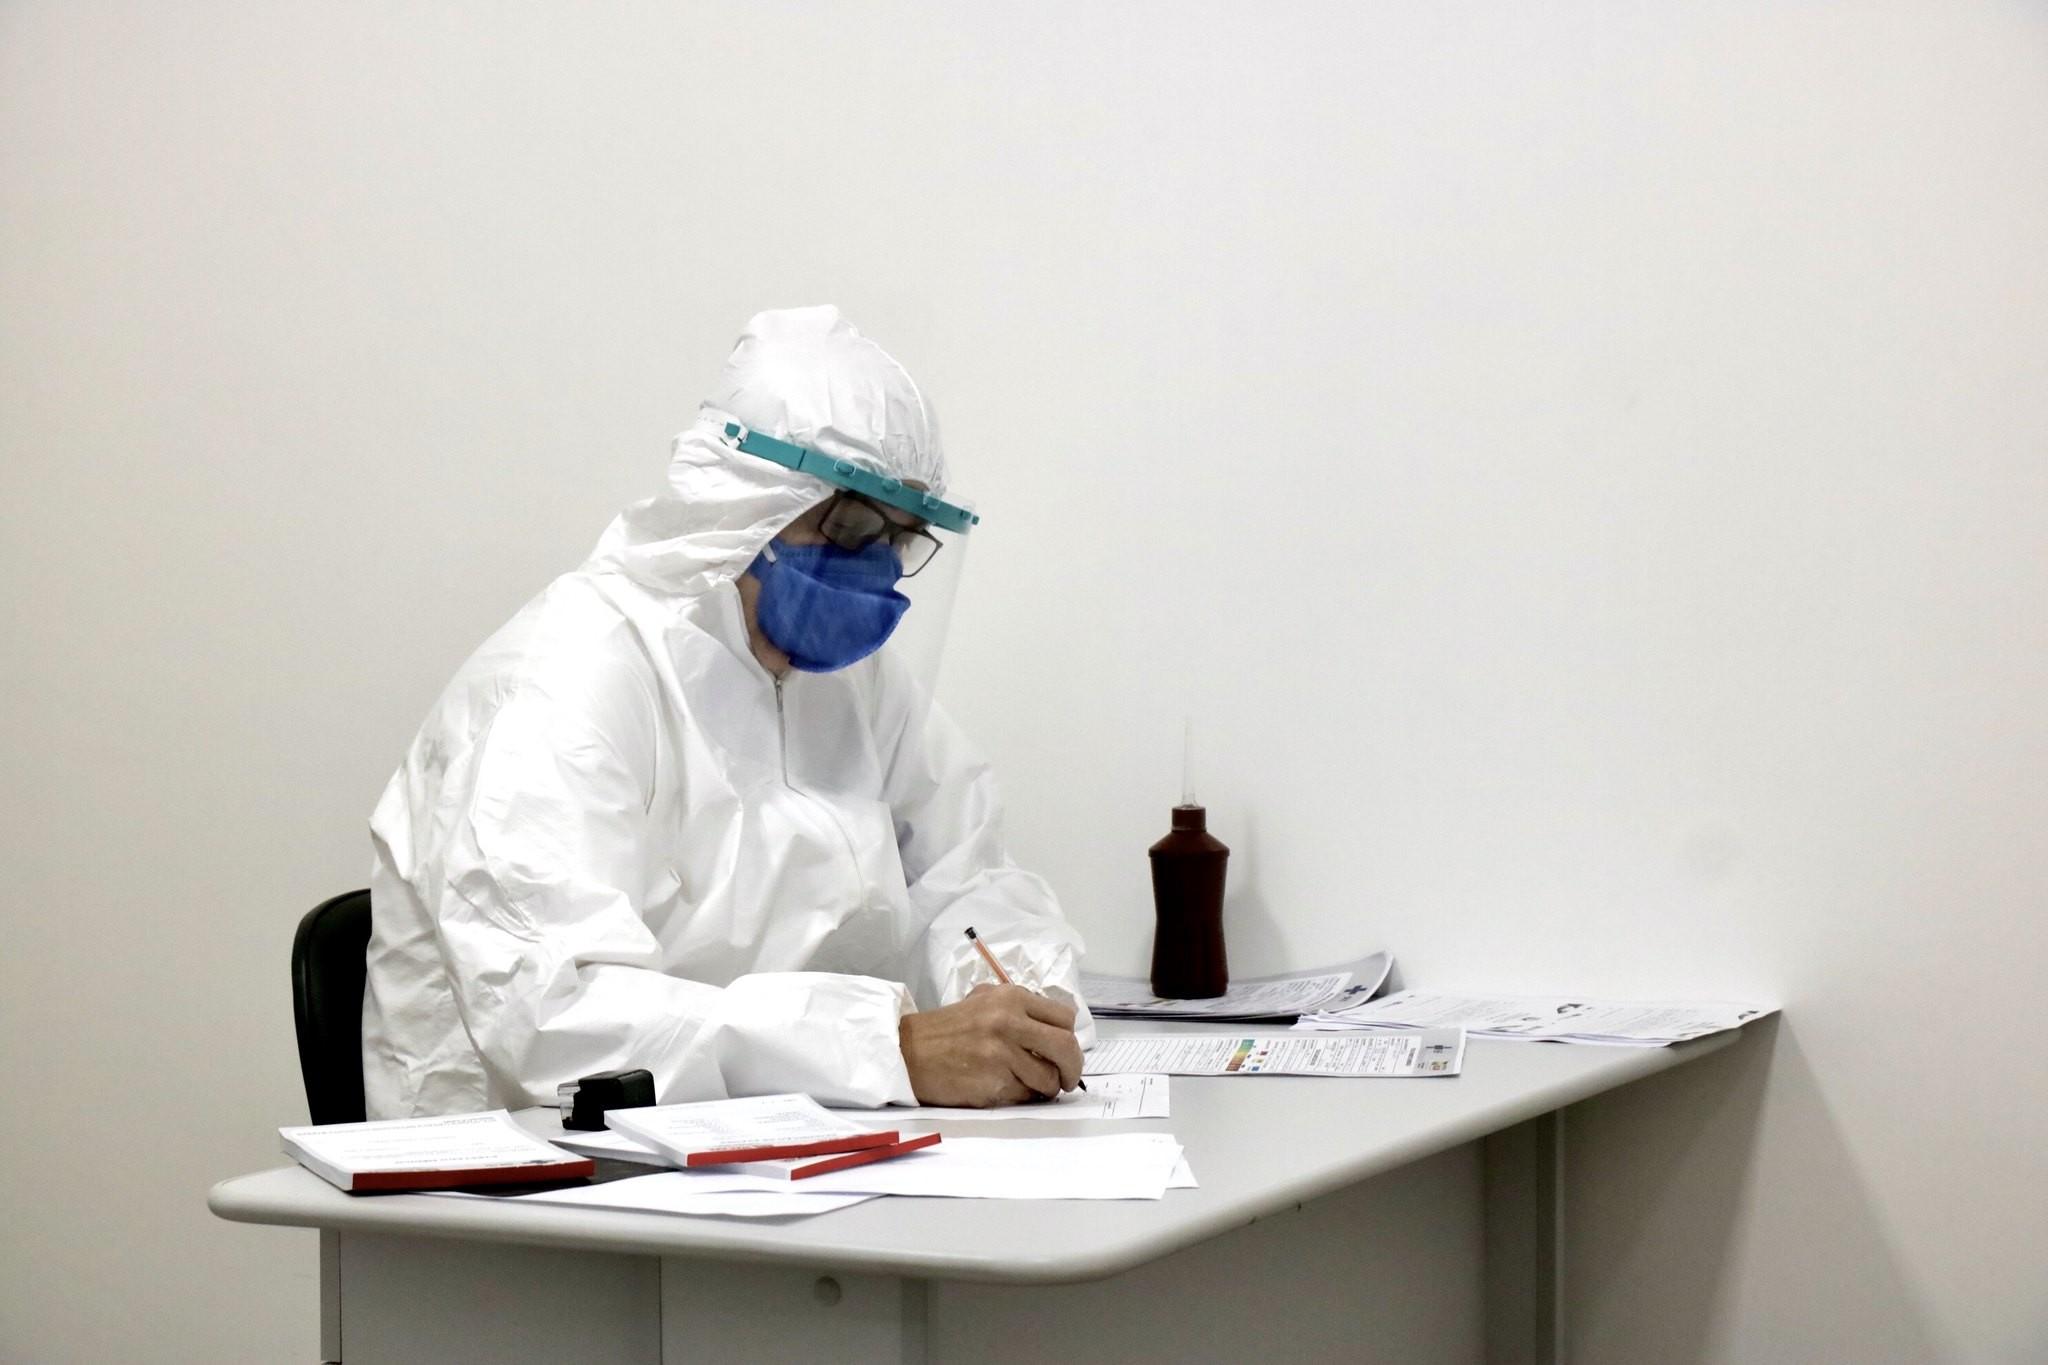 Covid-19: Amapá supera 10,5 mil infectados e chega aos 237 mortos por Covid-19